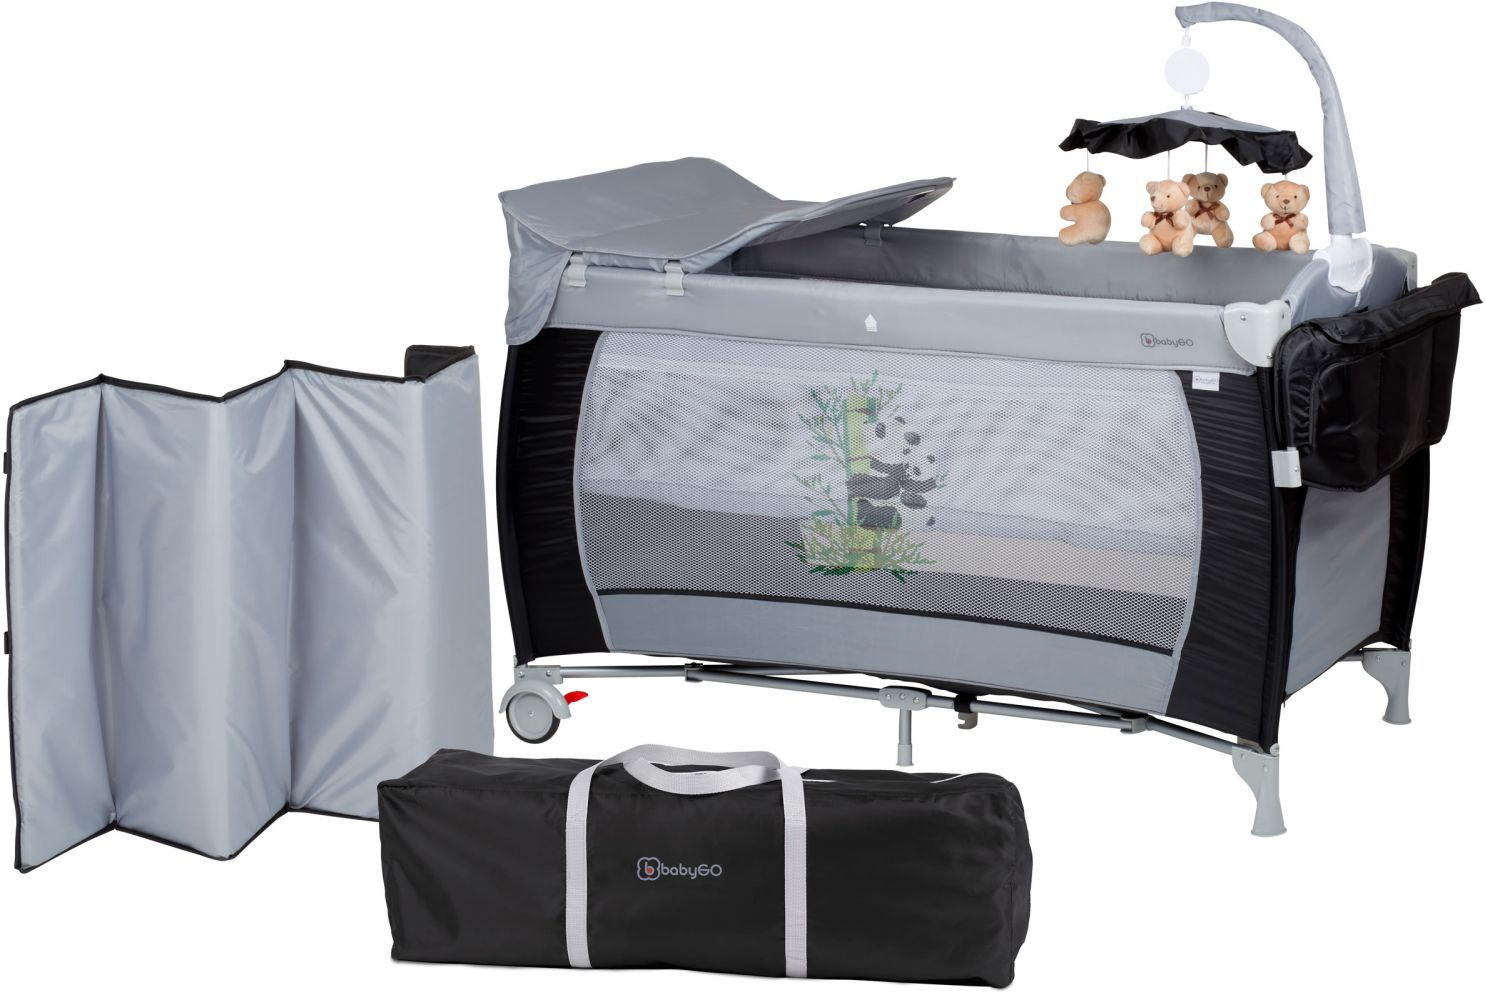 BabyGO 'Sleeper deluxe' Reisebett 60x120 cm, schwarz, mit Matratze, Wickelauflage, Mobile und Schlupf Bild 1